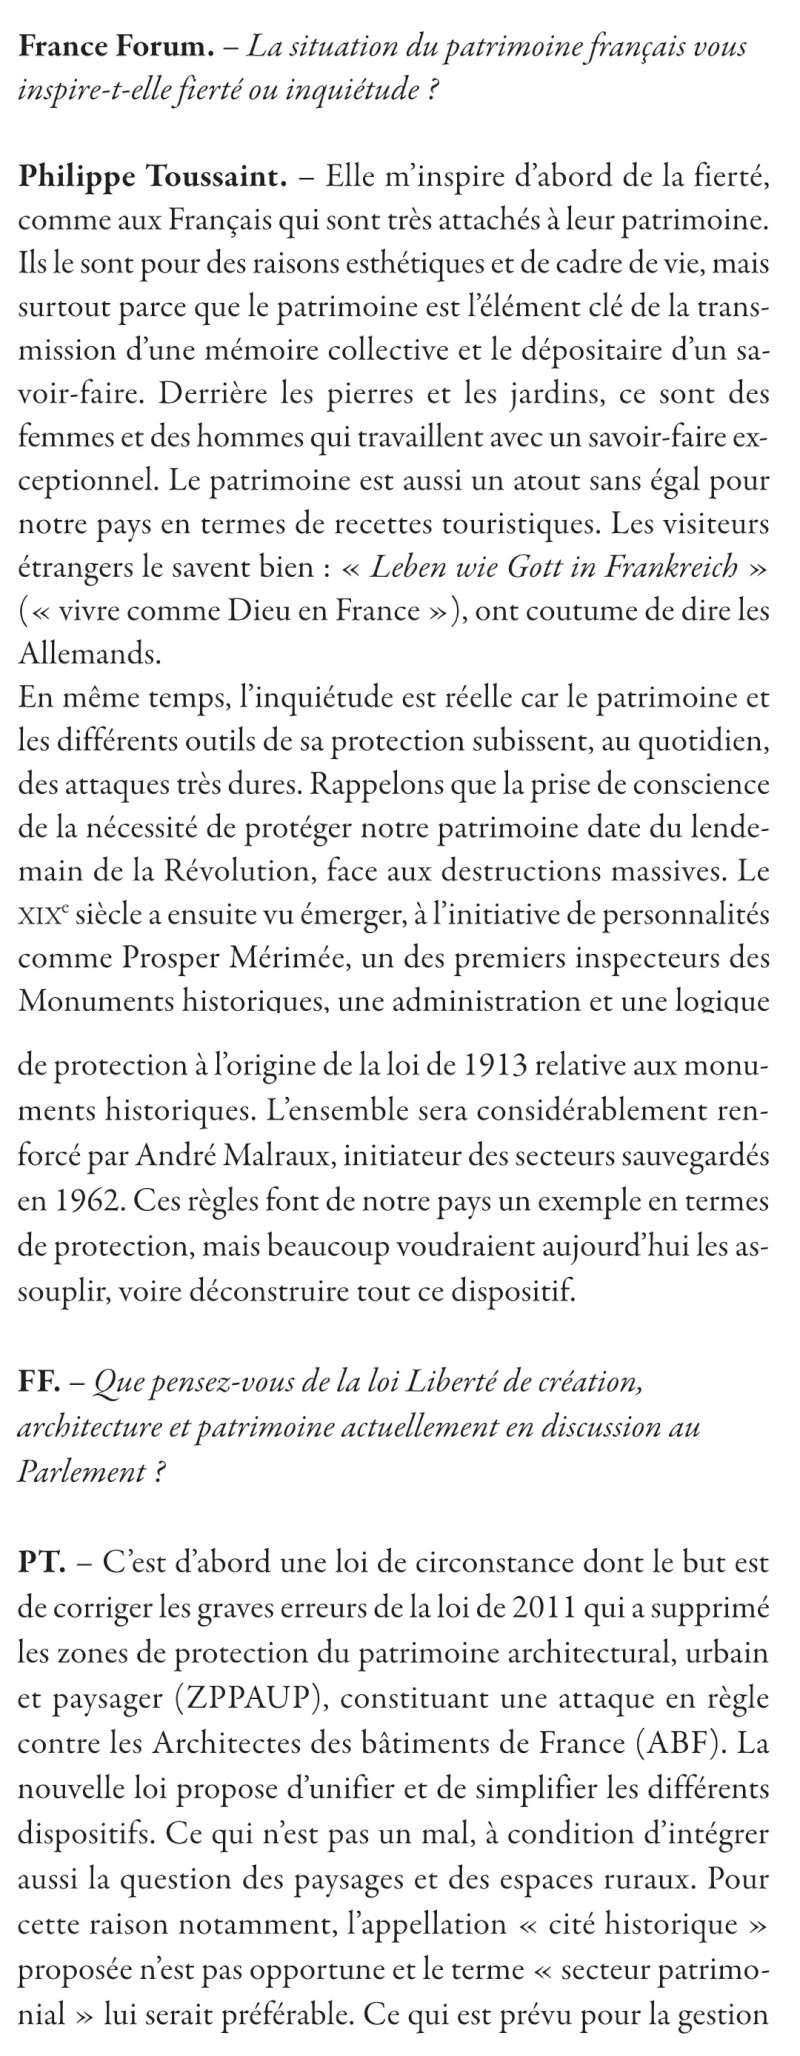 Les VMF et la protection du patrimoine par Philippe TOUSSAINT 120